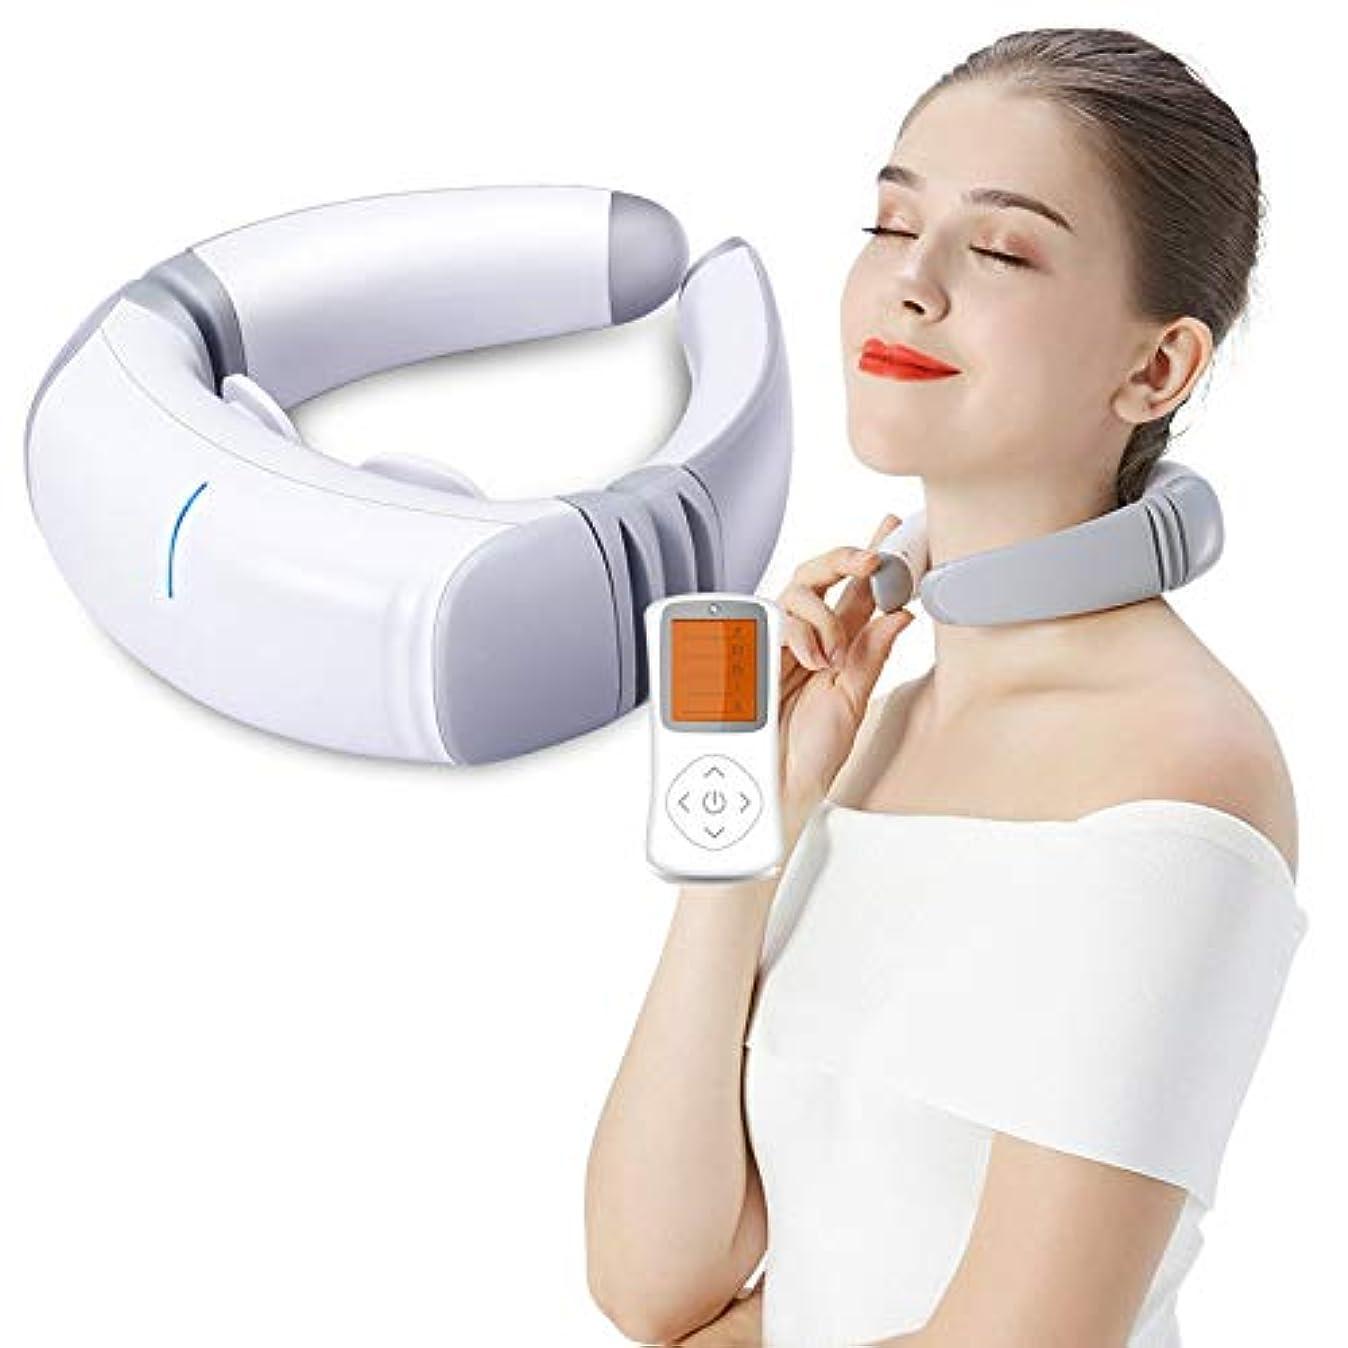 多機能ネックマッサージャーディープティッシュワイヤレス3D混練、子宮頸部マッサージャーホーム電子パルス車、オフィス用